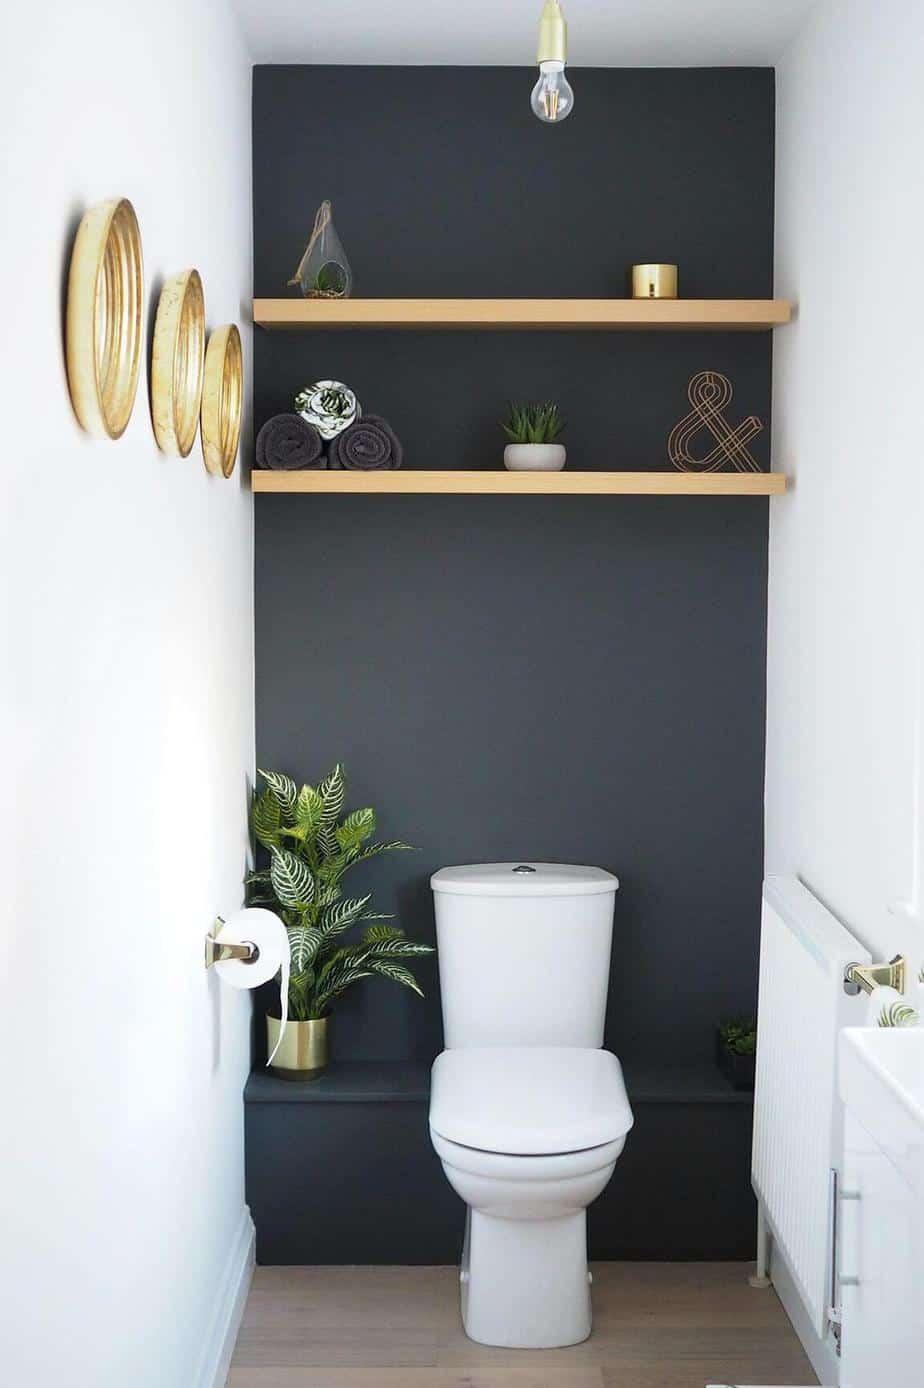 toilettes etageres 6074110 - Les bienfaits du rangement sur le moral